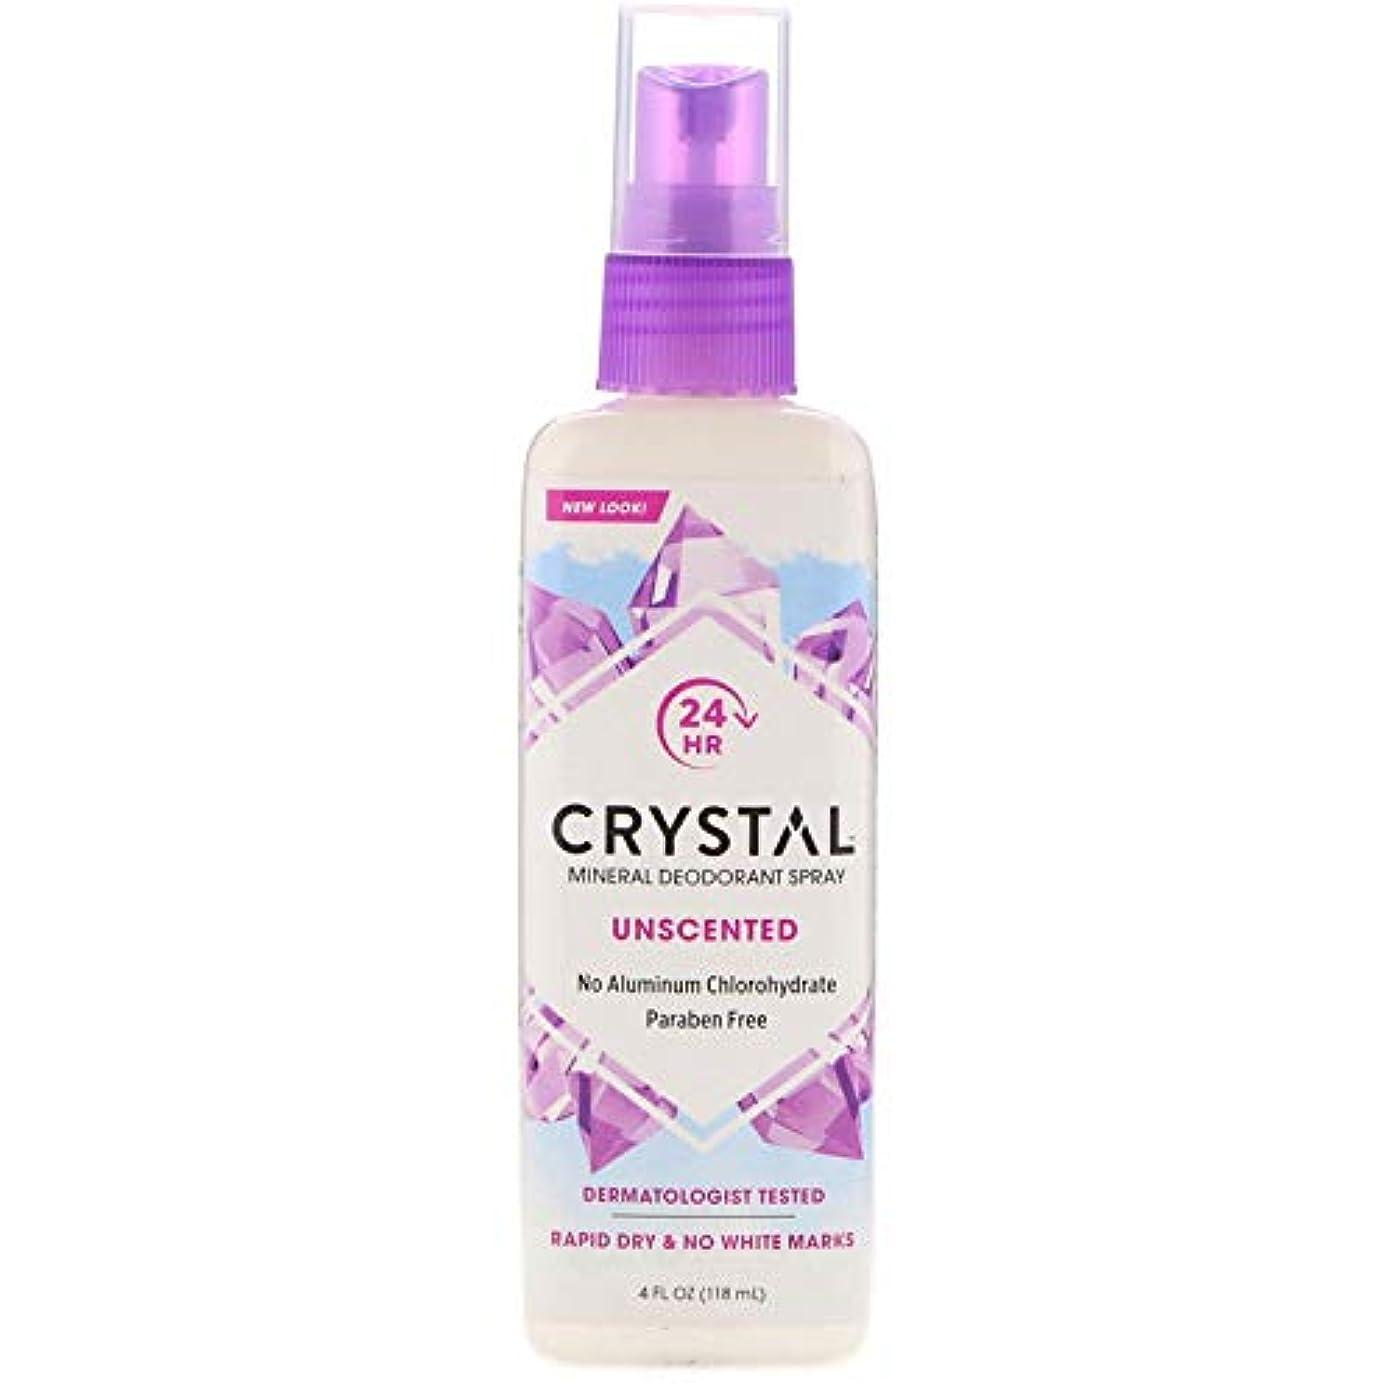 ドナウ川スクラップ漏れクリスタル(Crystal) ミネラルデオドラントスプレー(無香料) 118ml [並行輸入品]